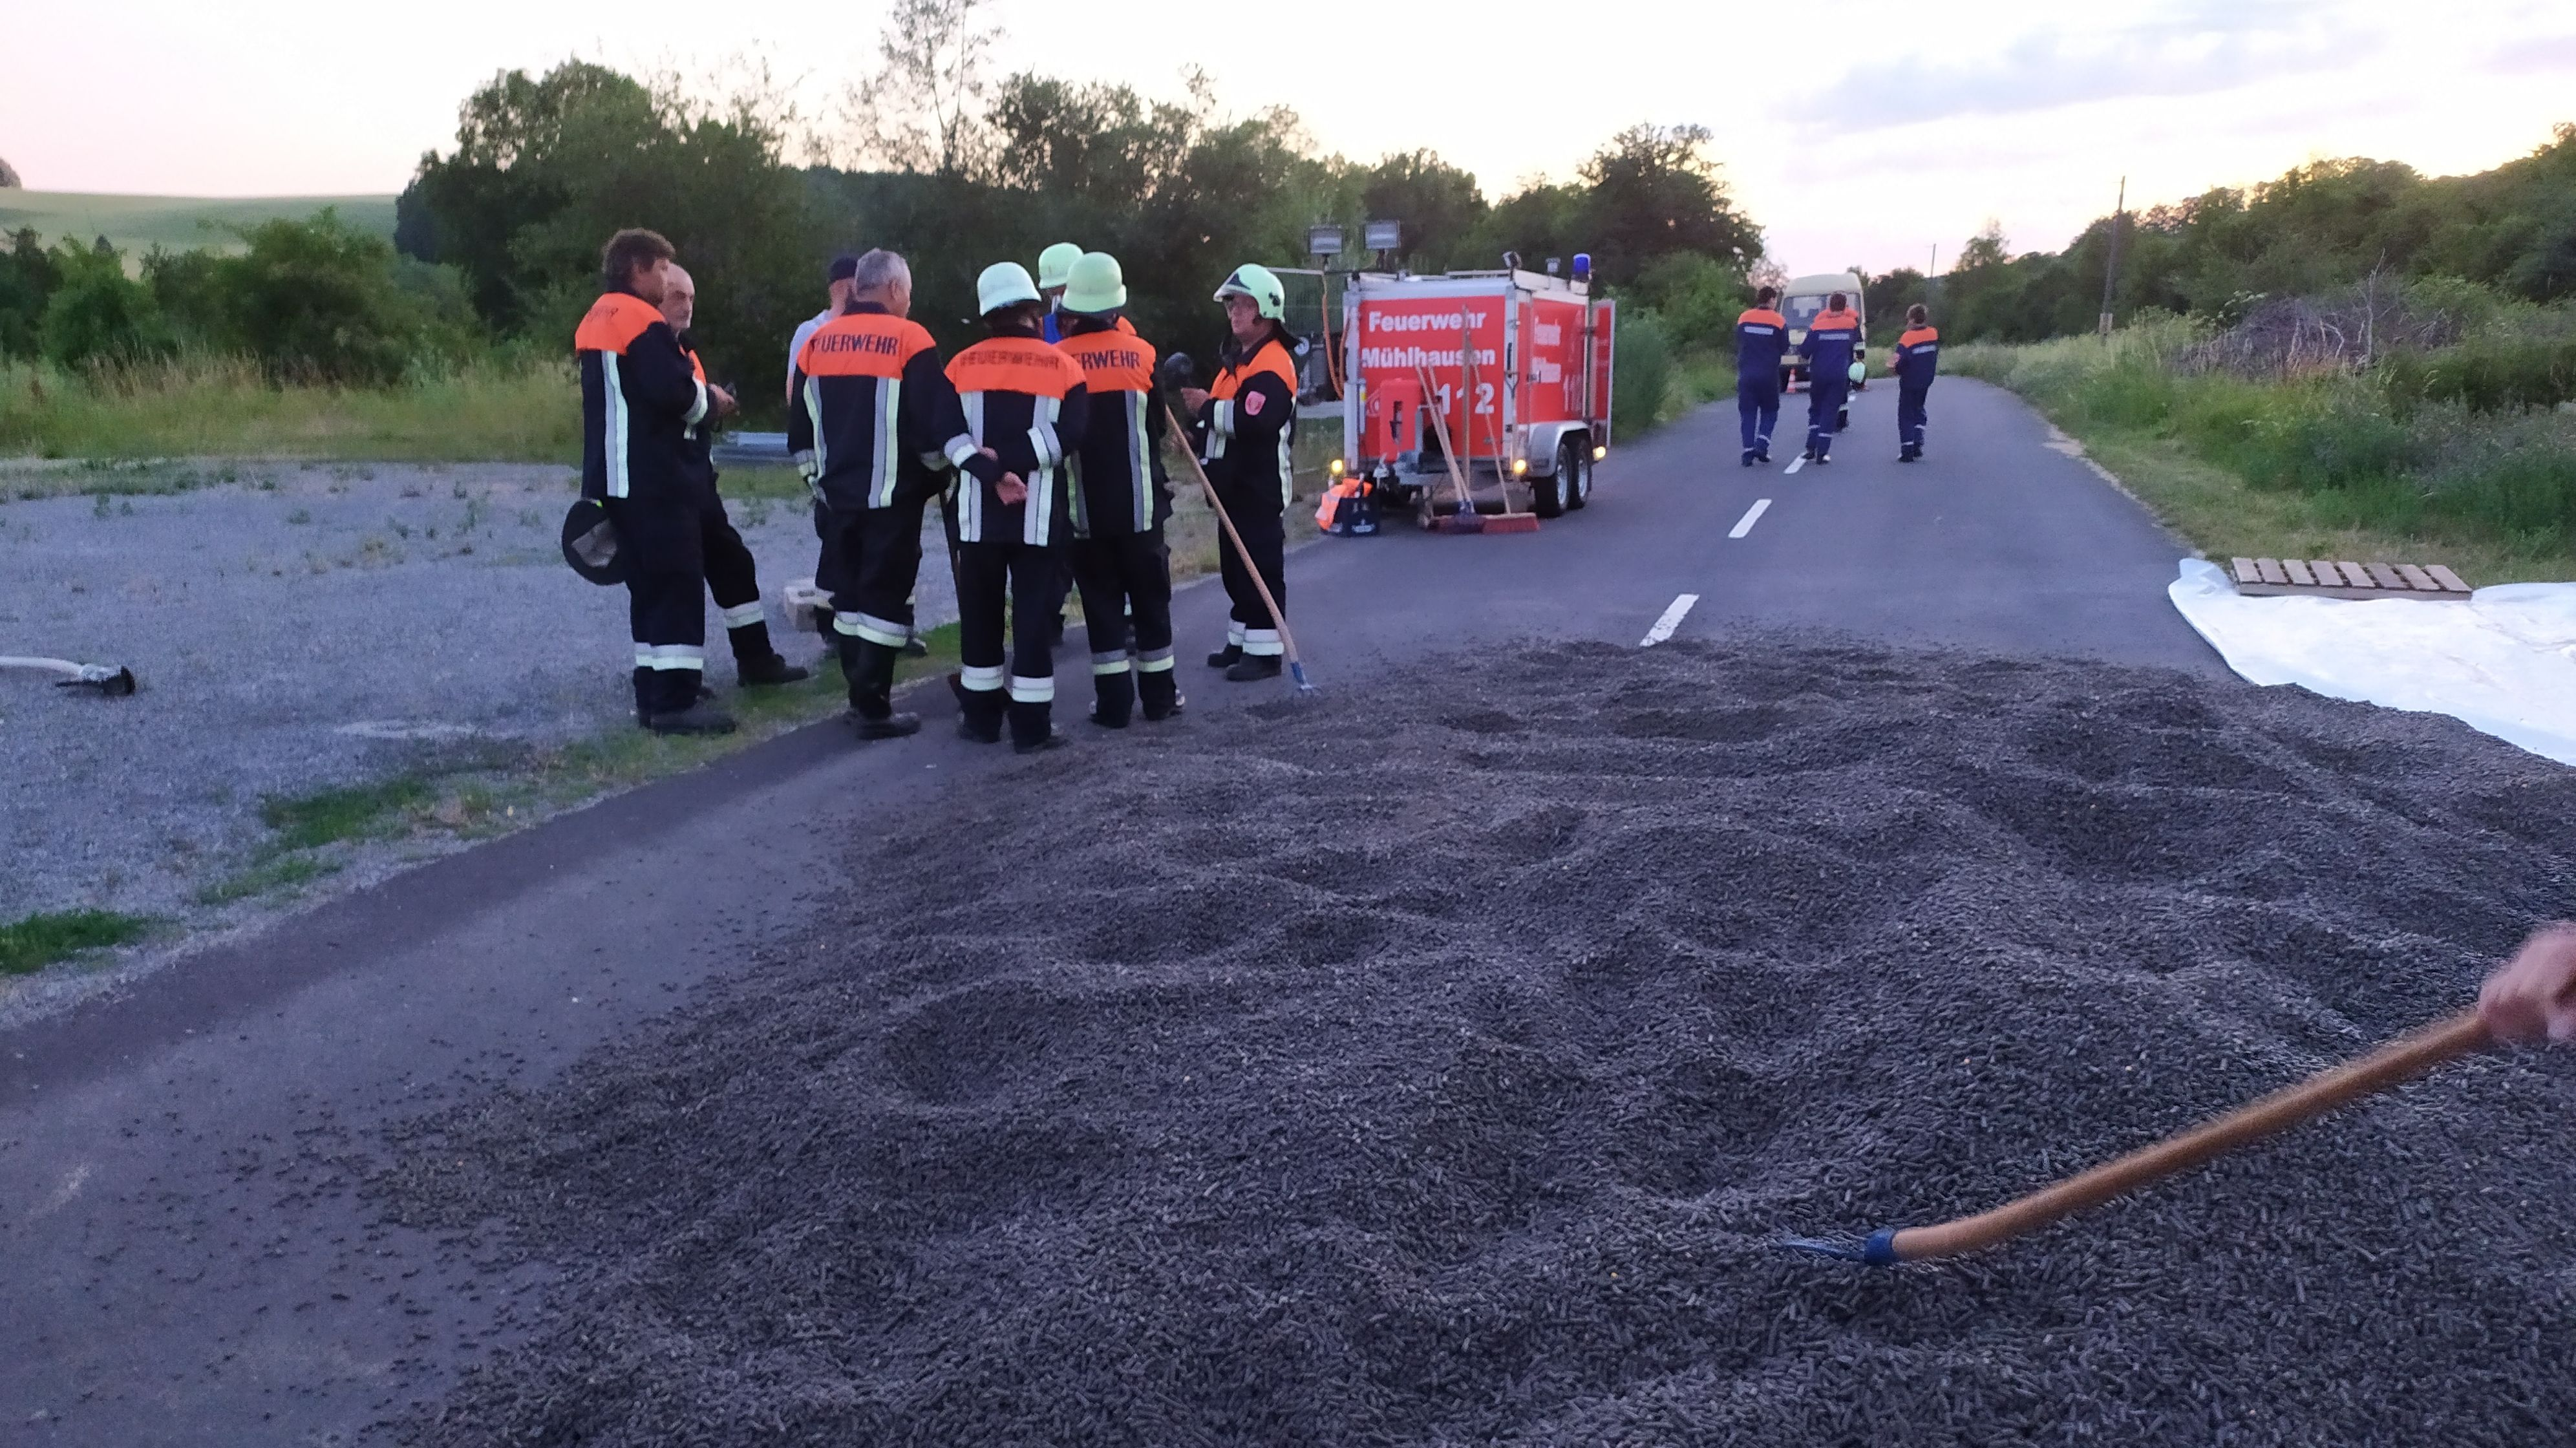 Feuerwehreinsatz in Gänheim